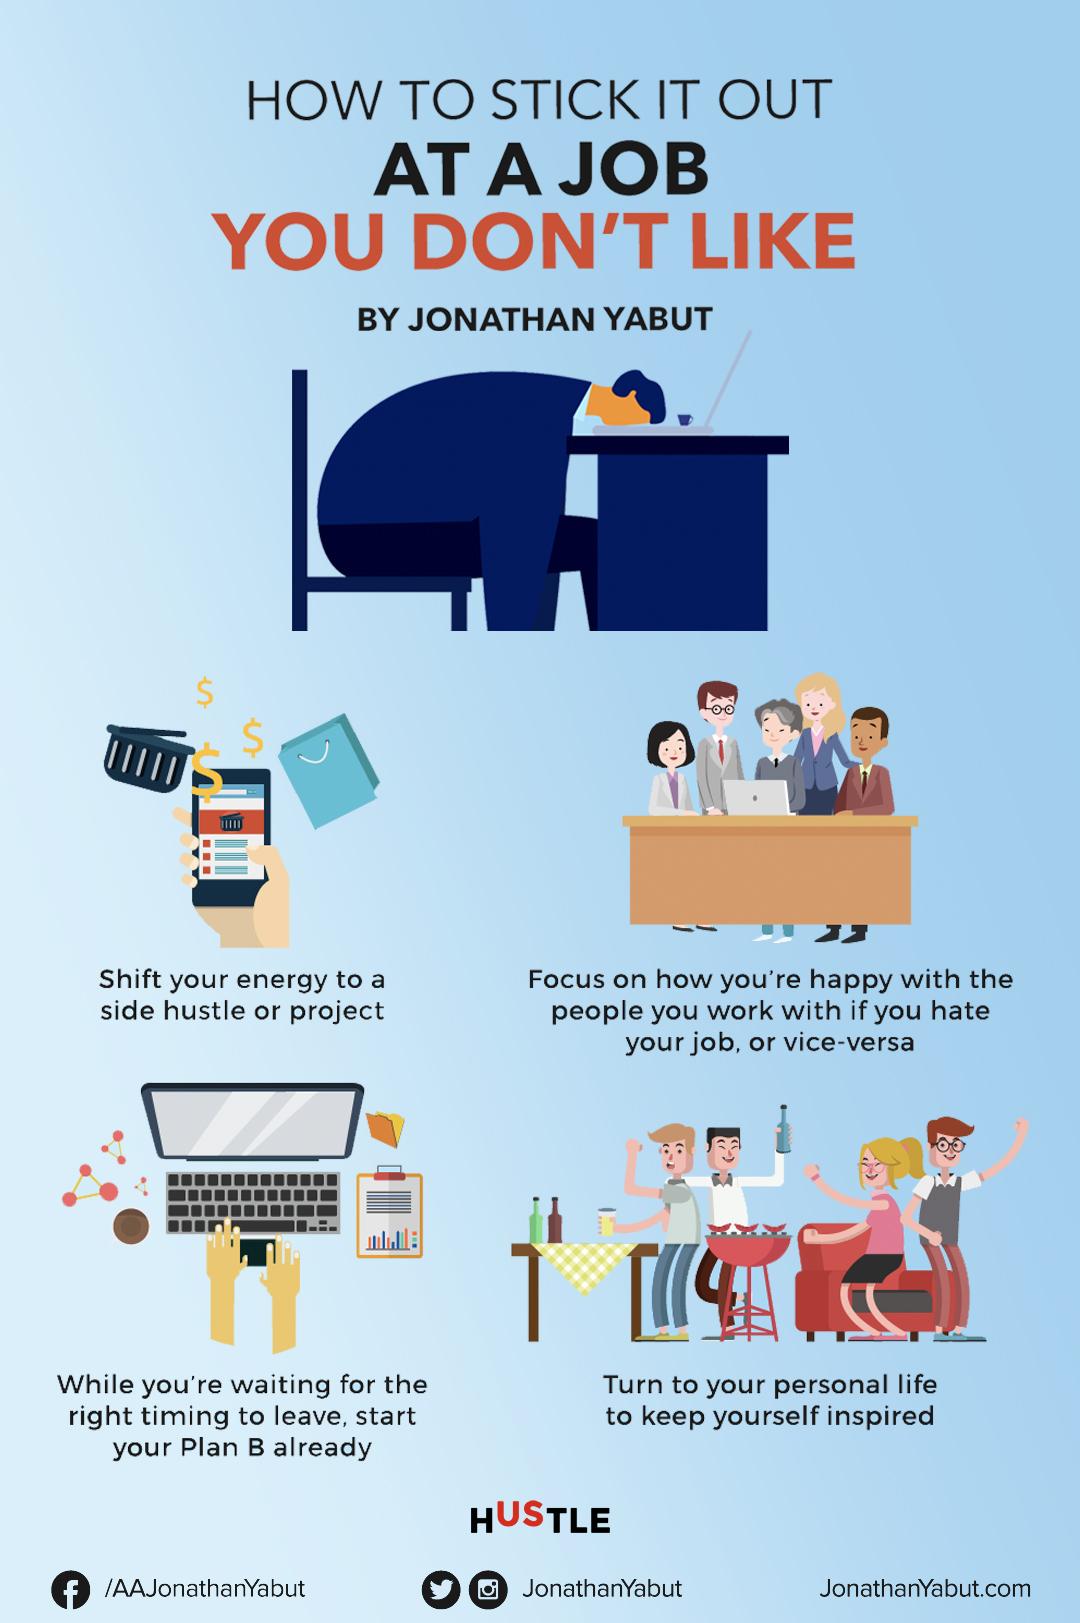 Jak vydržet v práci, kterou nemáte rádi? Změna práce, Nová práce